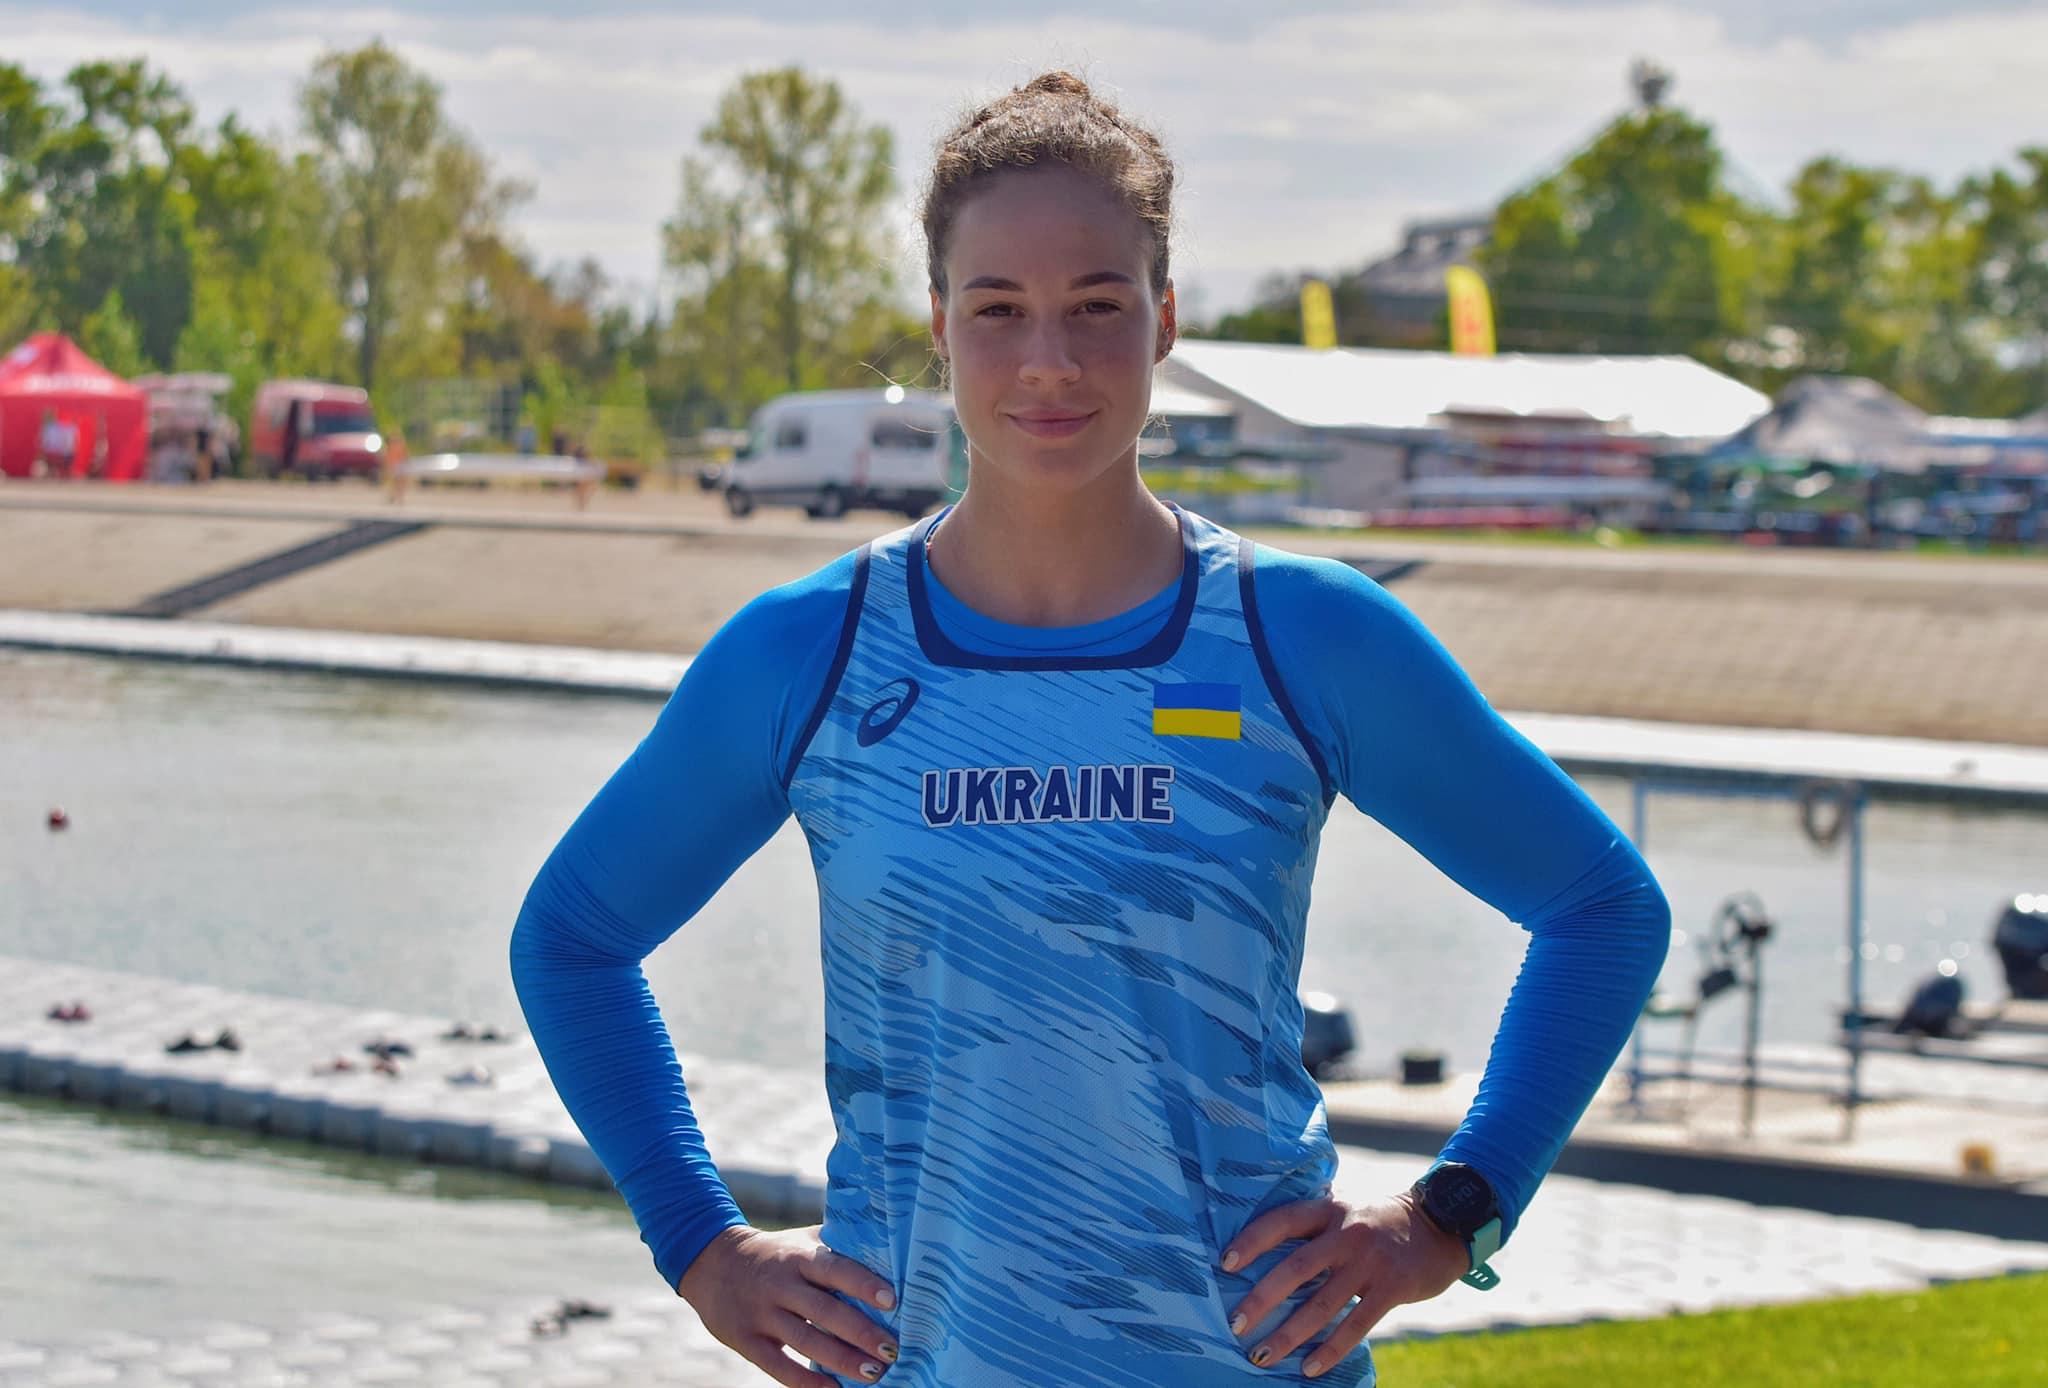 """Франківська веслувальниця виграла """"золото"""" і """"срібло""""на Кубку світу в Угорщині"""